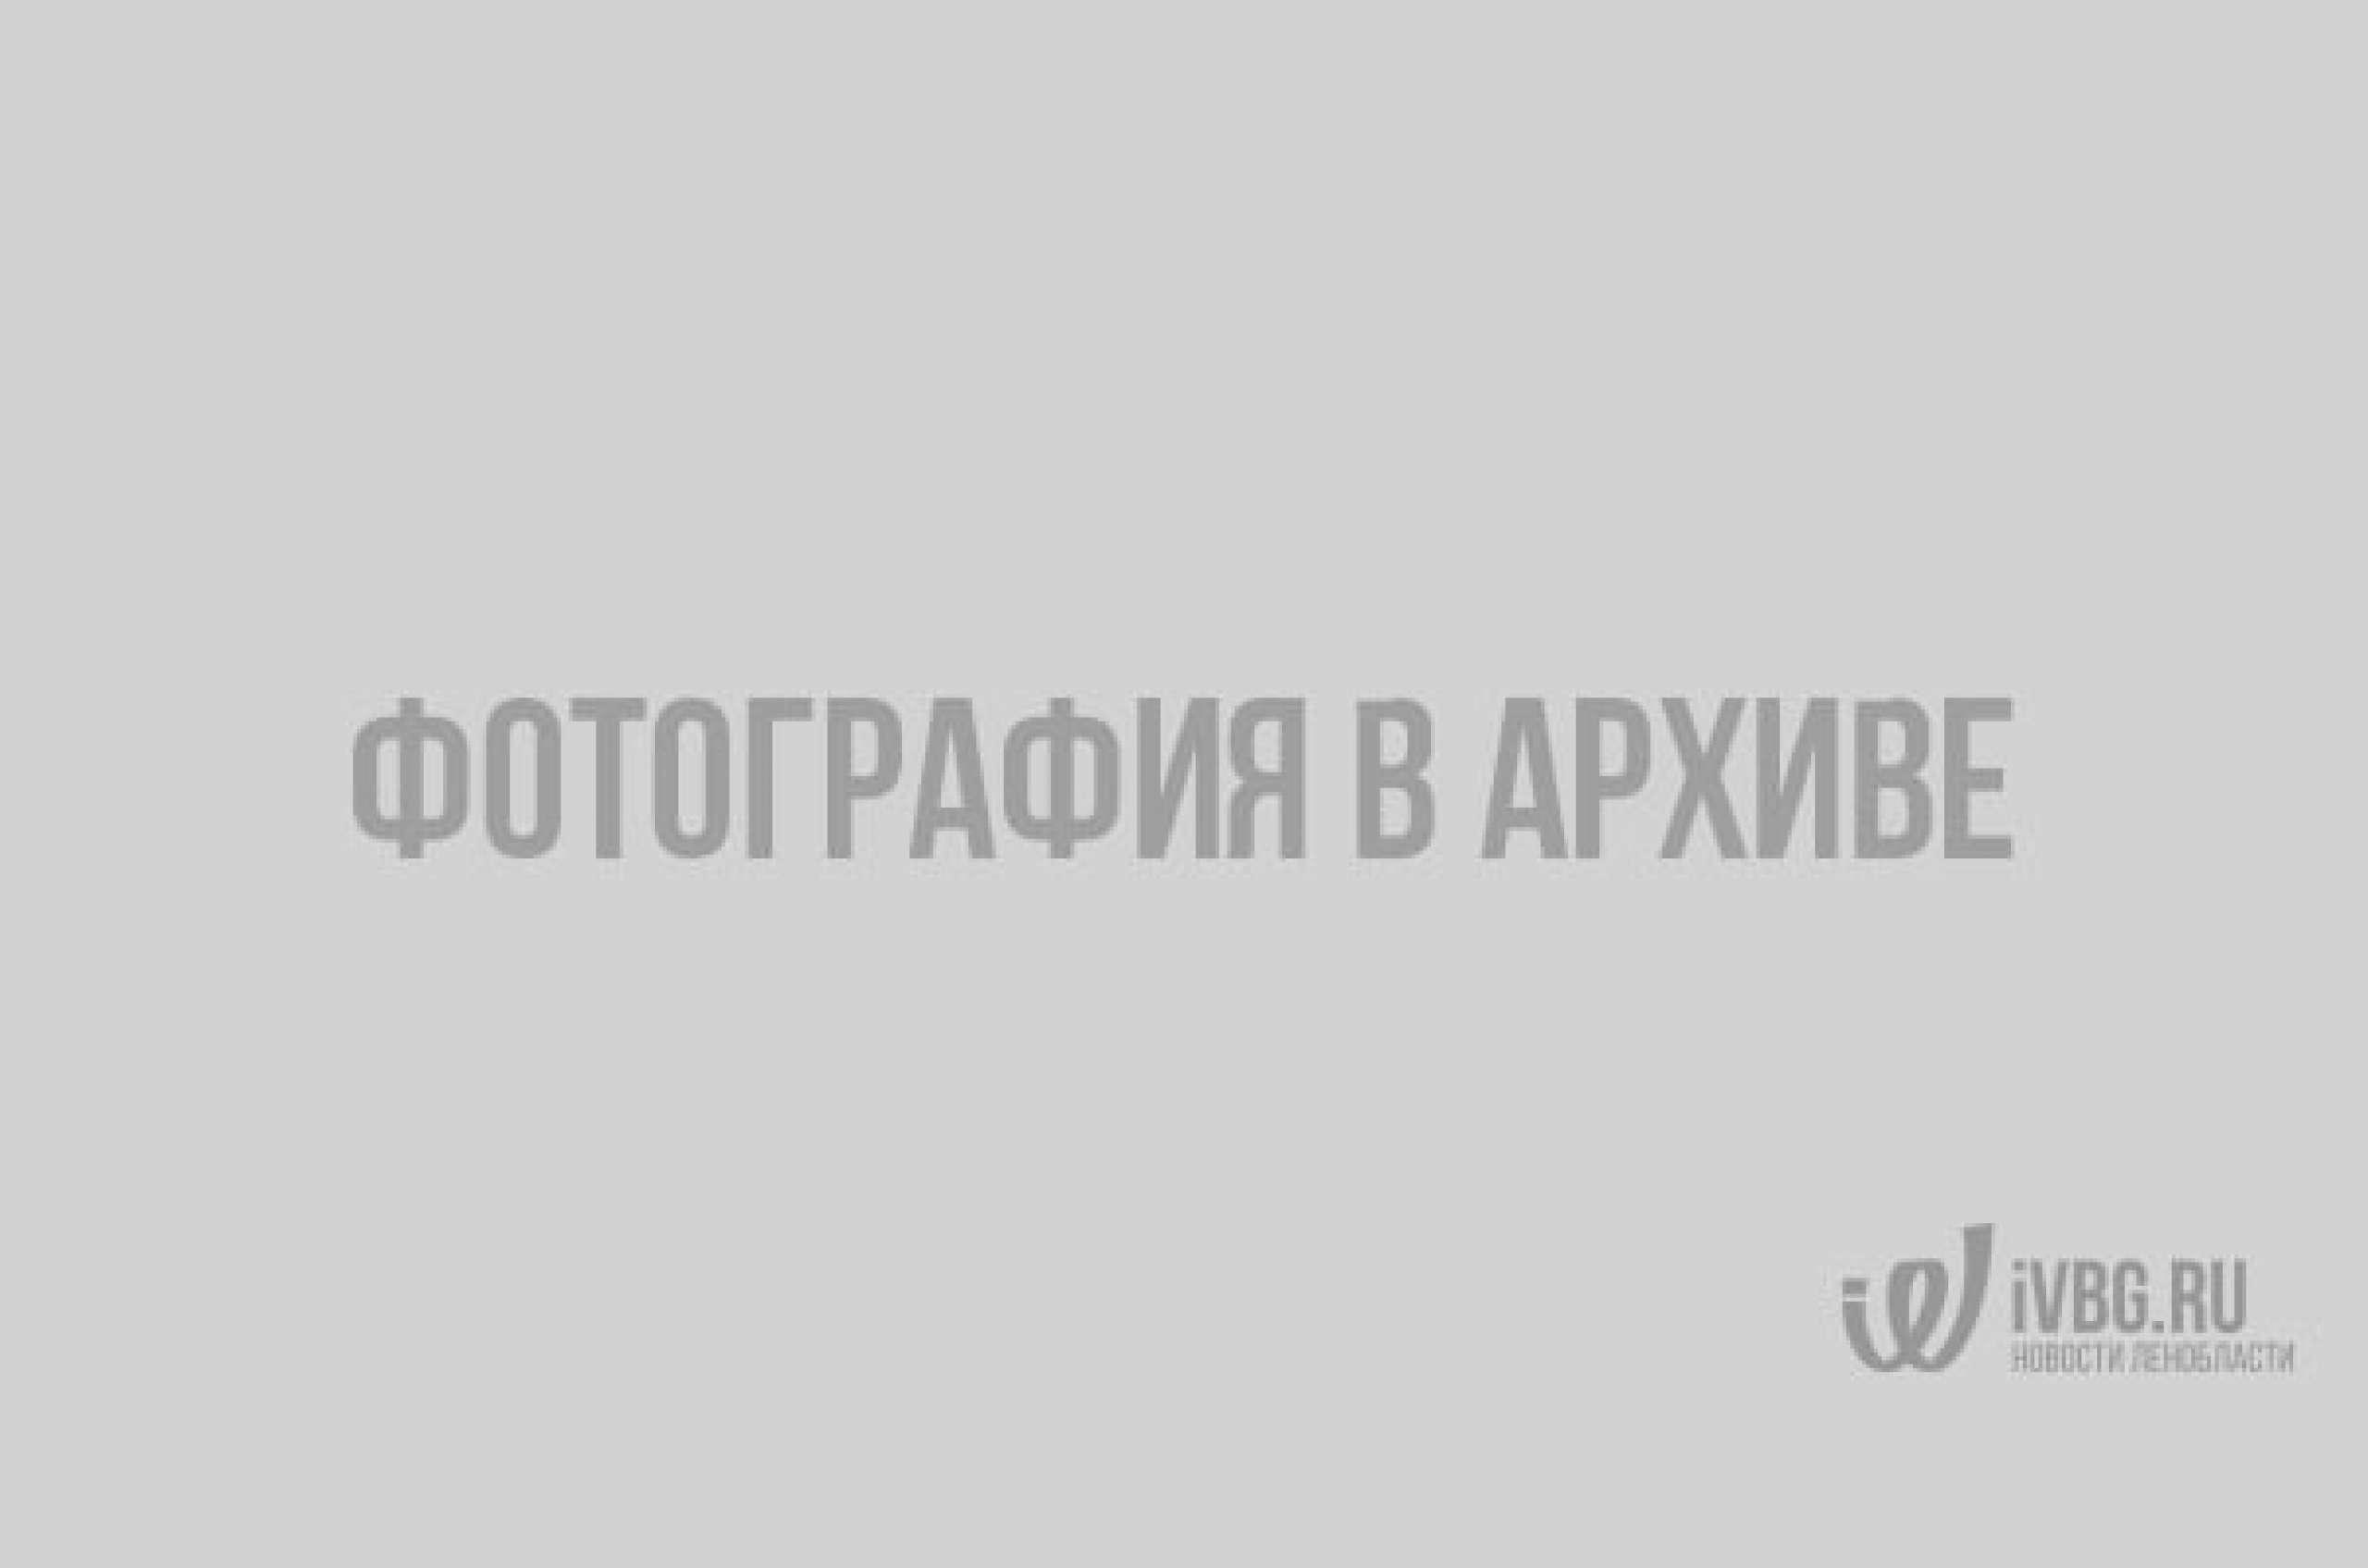 Стало известно, какие места Северной столицы туристы предпочитают больше всего фонтанка, туризм, Петергоф, Петербург, Нижний парк, Дом книги